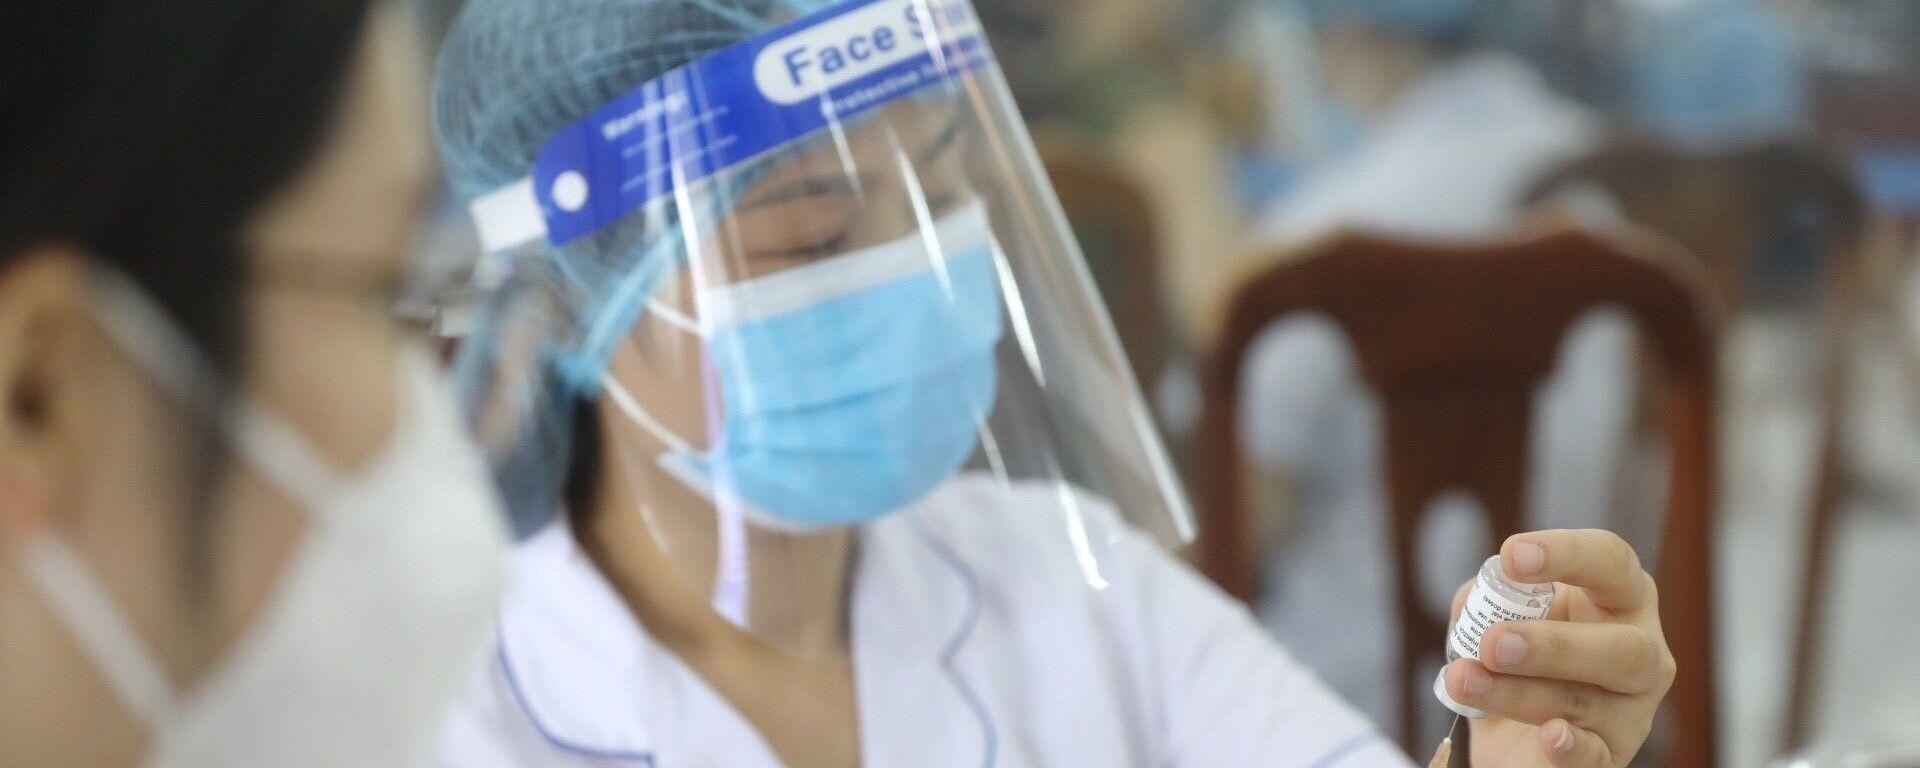 Nhân viên y tế tiêm vaccine phòng COVID-19 cho người dân phường Yên Hoà (Cầu Giấy) ngày 7/9/2021 - Sputnik Việt Nam, 1920, 14.09.2021